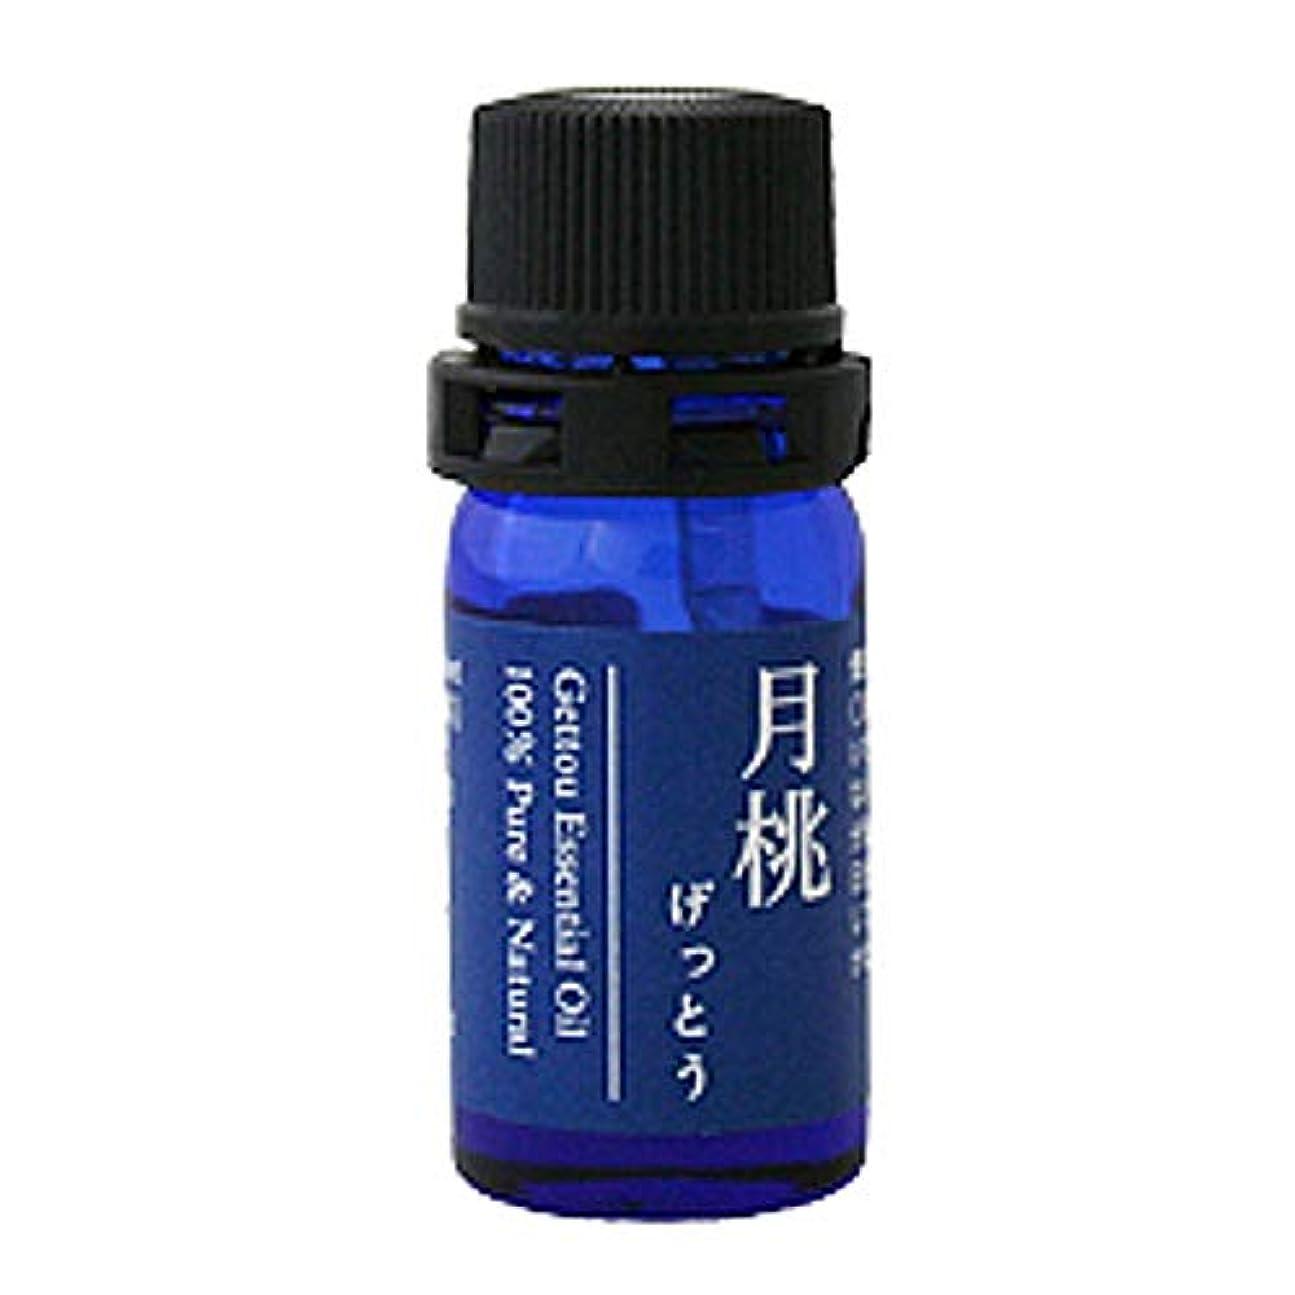 殺すトランクインシュレータ月桃 エッセンシャルオイル (シマ) 2.5ml